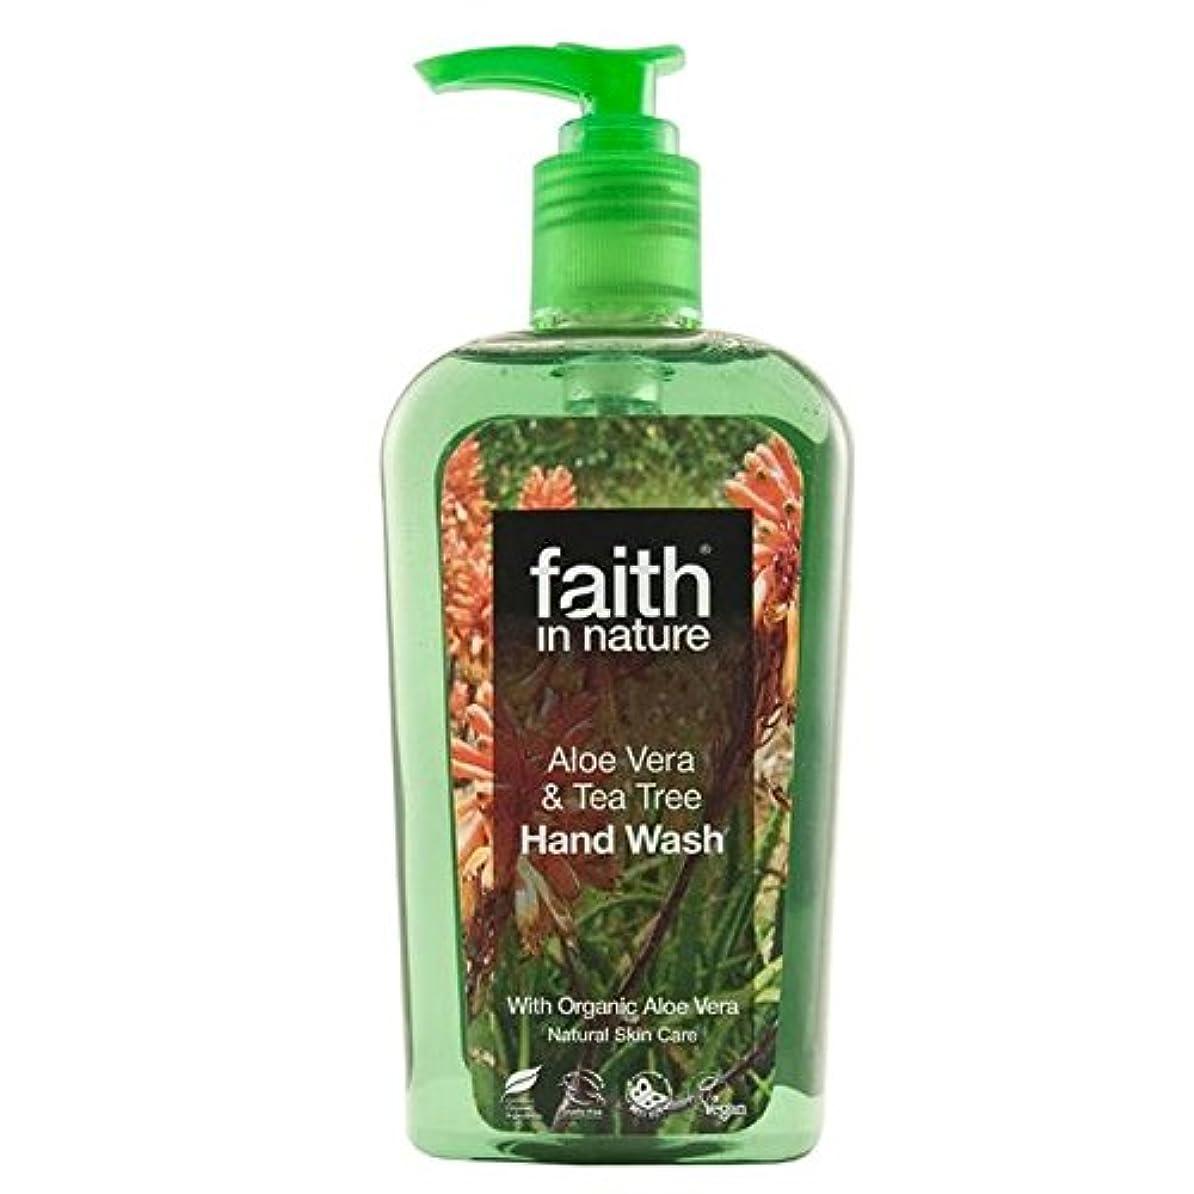 集まるビュッフェギャングFaith in Nature Aloe Vera & Tea Tree Handwash 300ml (Pack of 4) - (Faith In Nature) 自然のアロエベラ&ティーツリー手洗いの300ミリリットルの信仰 (x4) [並行輸入品]